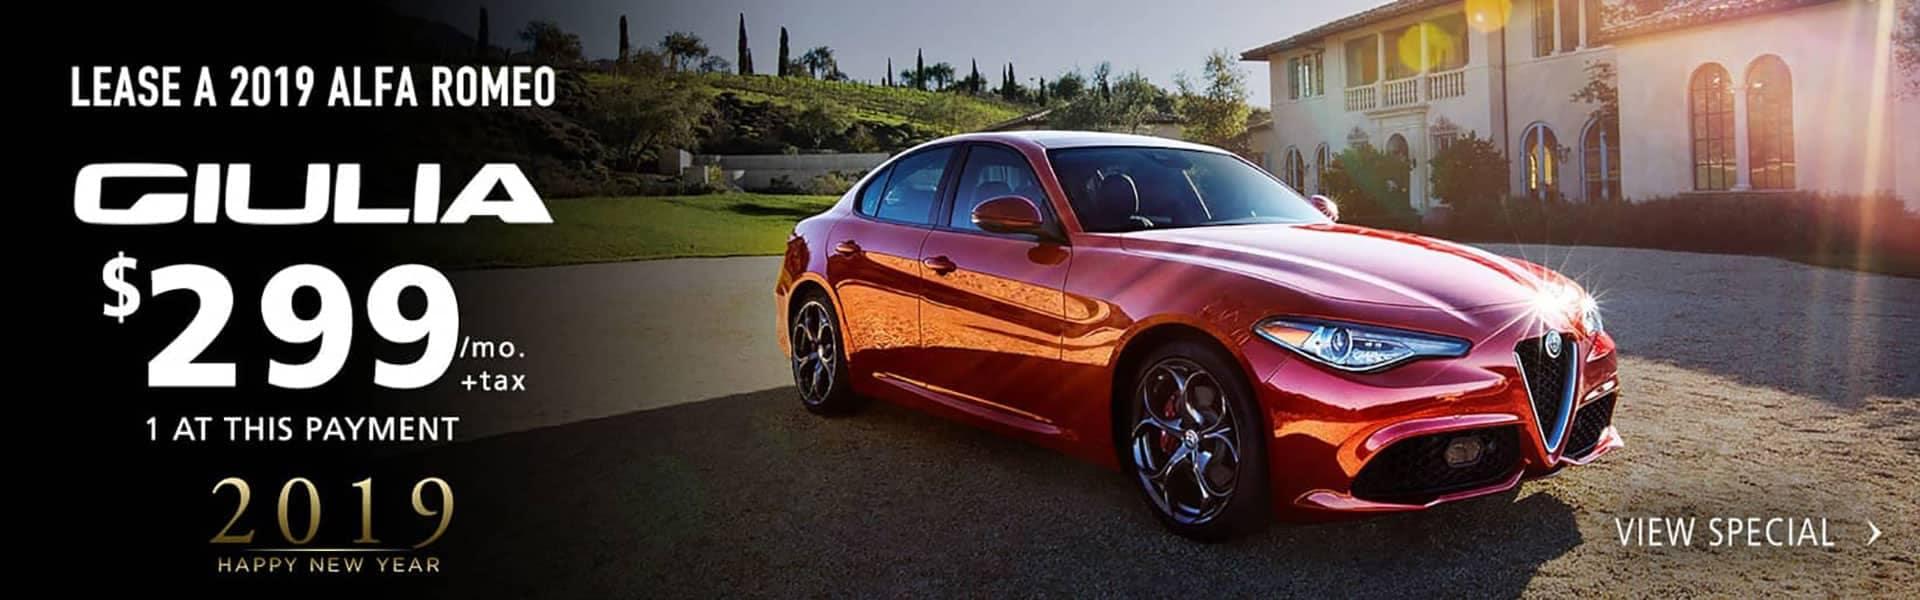 Slider-2019-Alfa-Romeo-Giulia-299